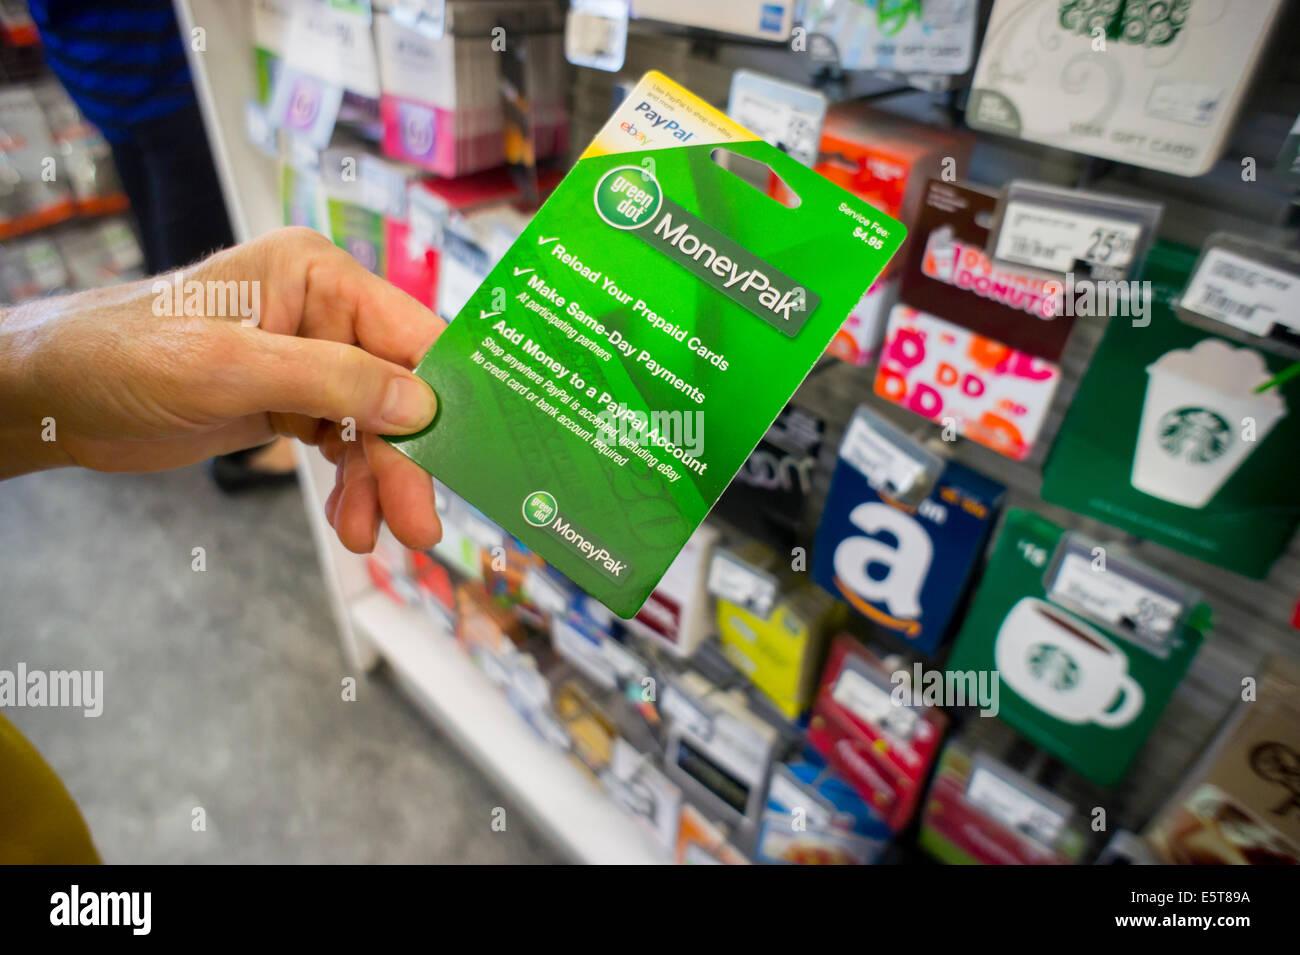 Carte Bancaire Prepayee New York.Un Client Choisit Un Point Vert Moneypak Marque Carte